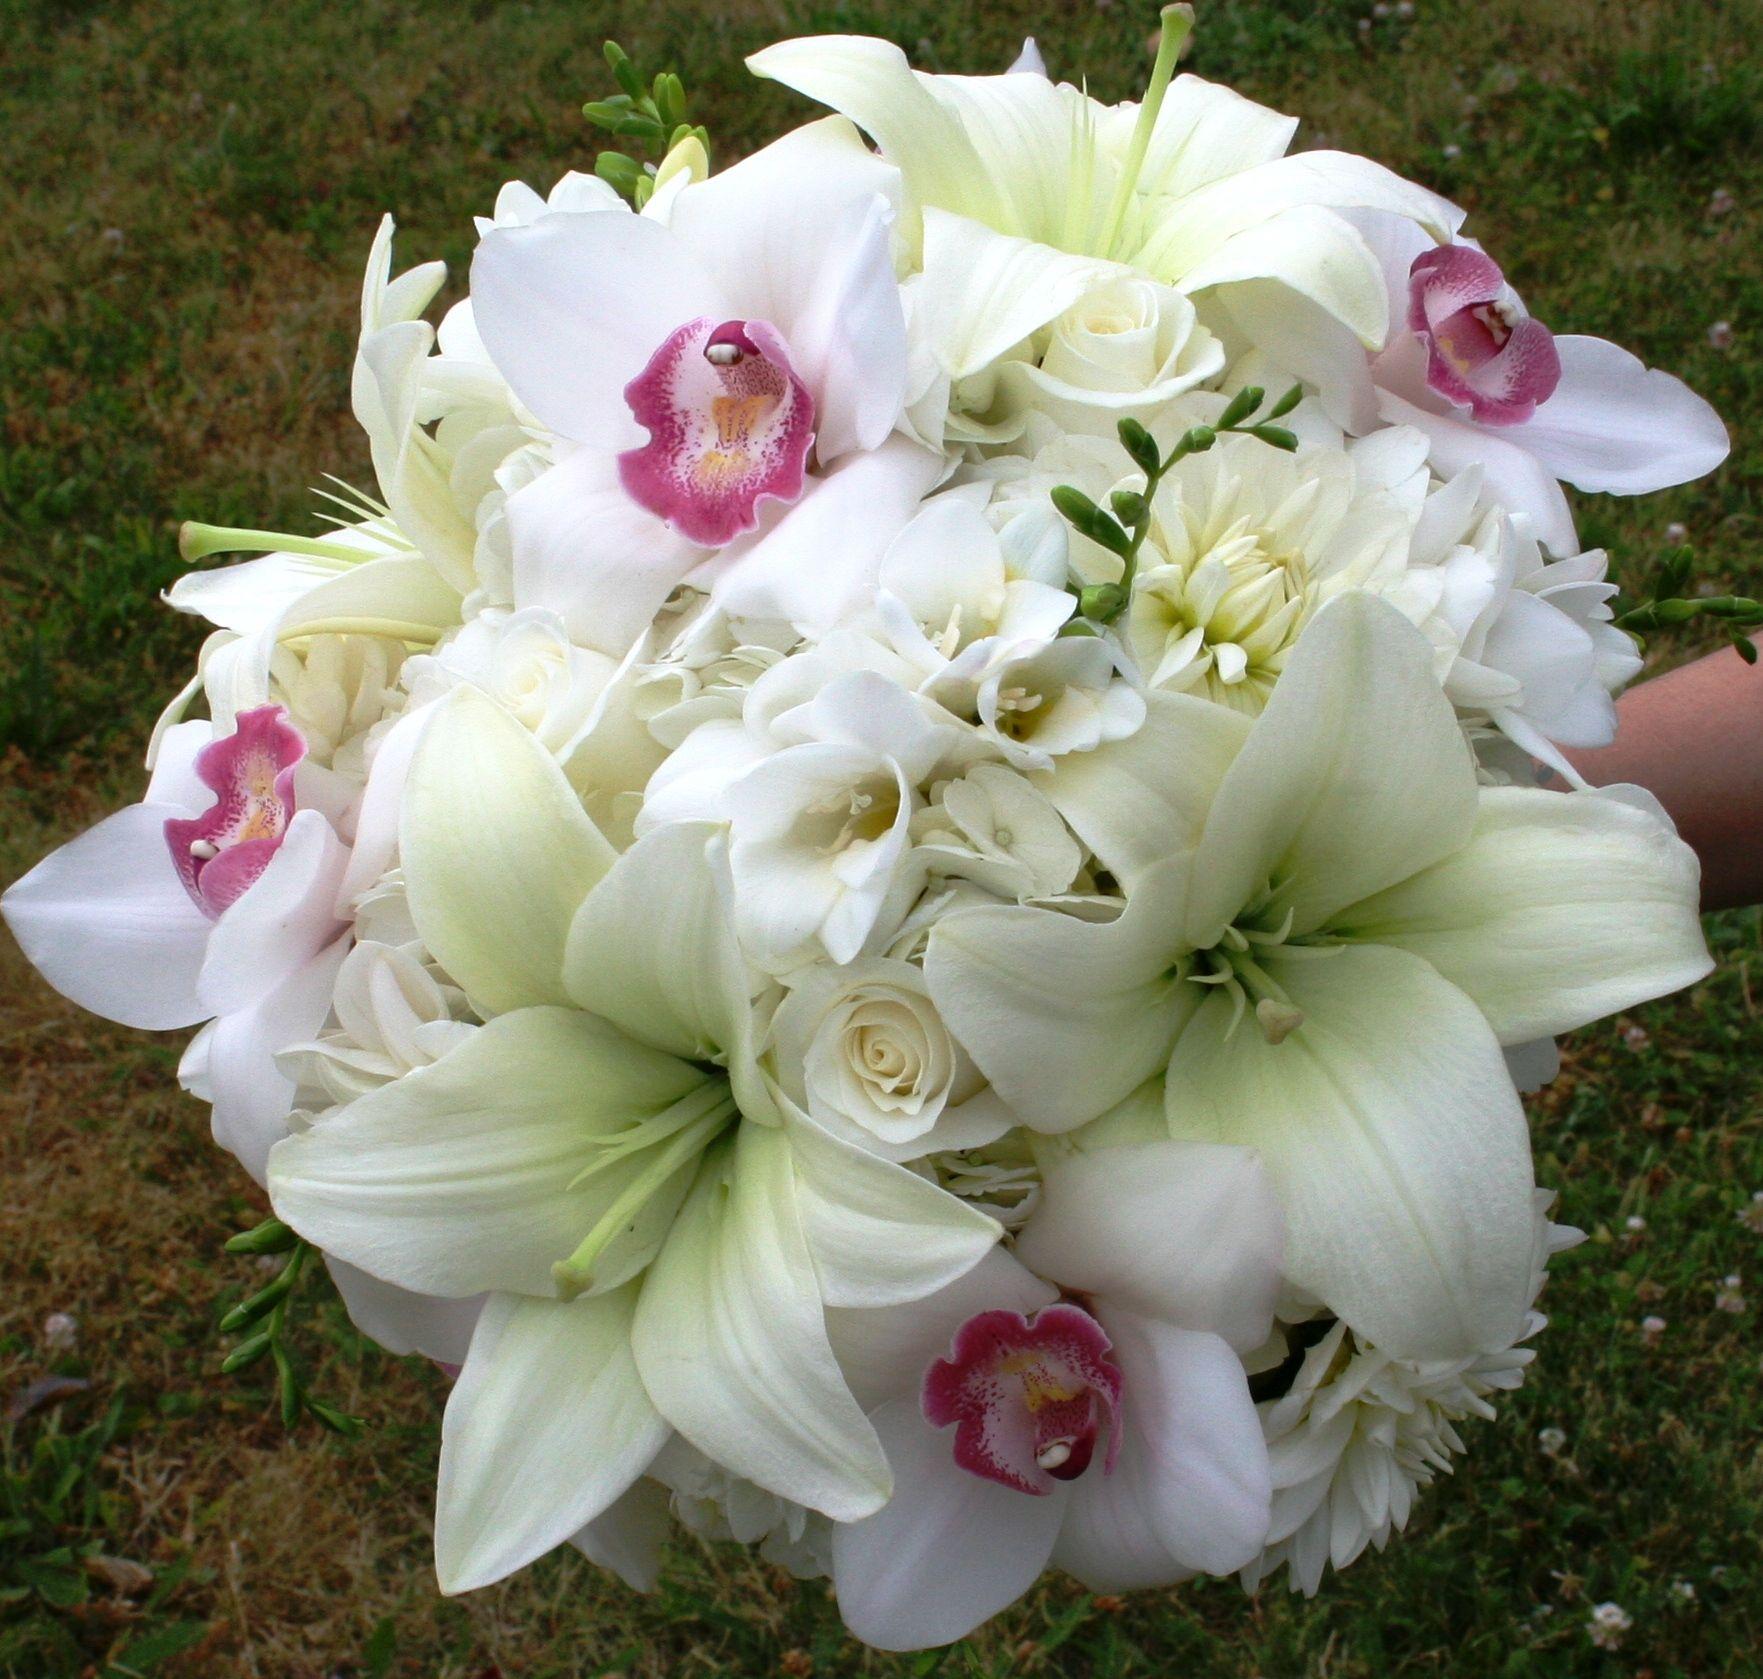 многие фотографии лилий и орхидей для одежды